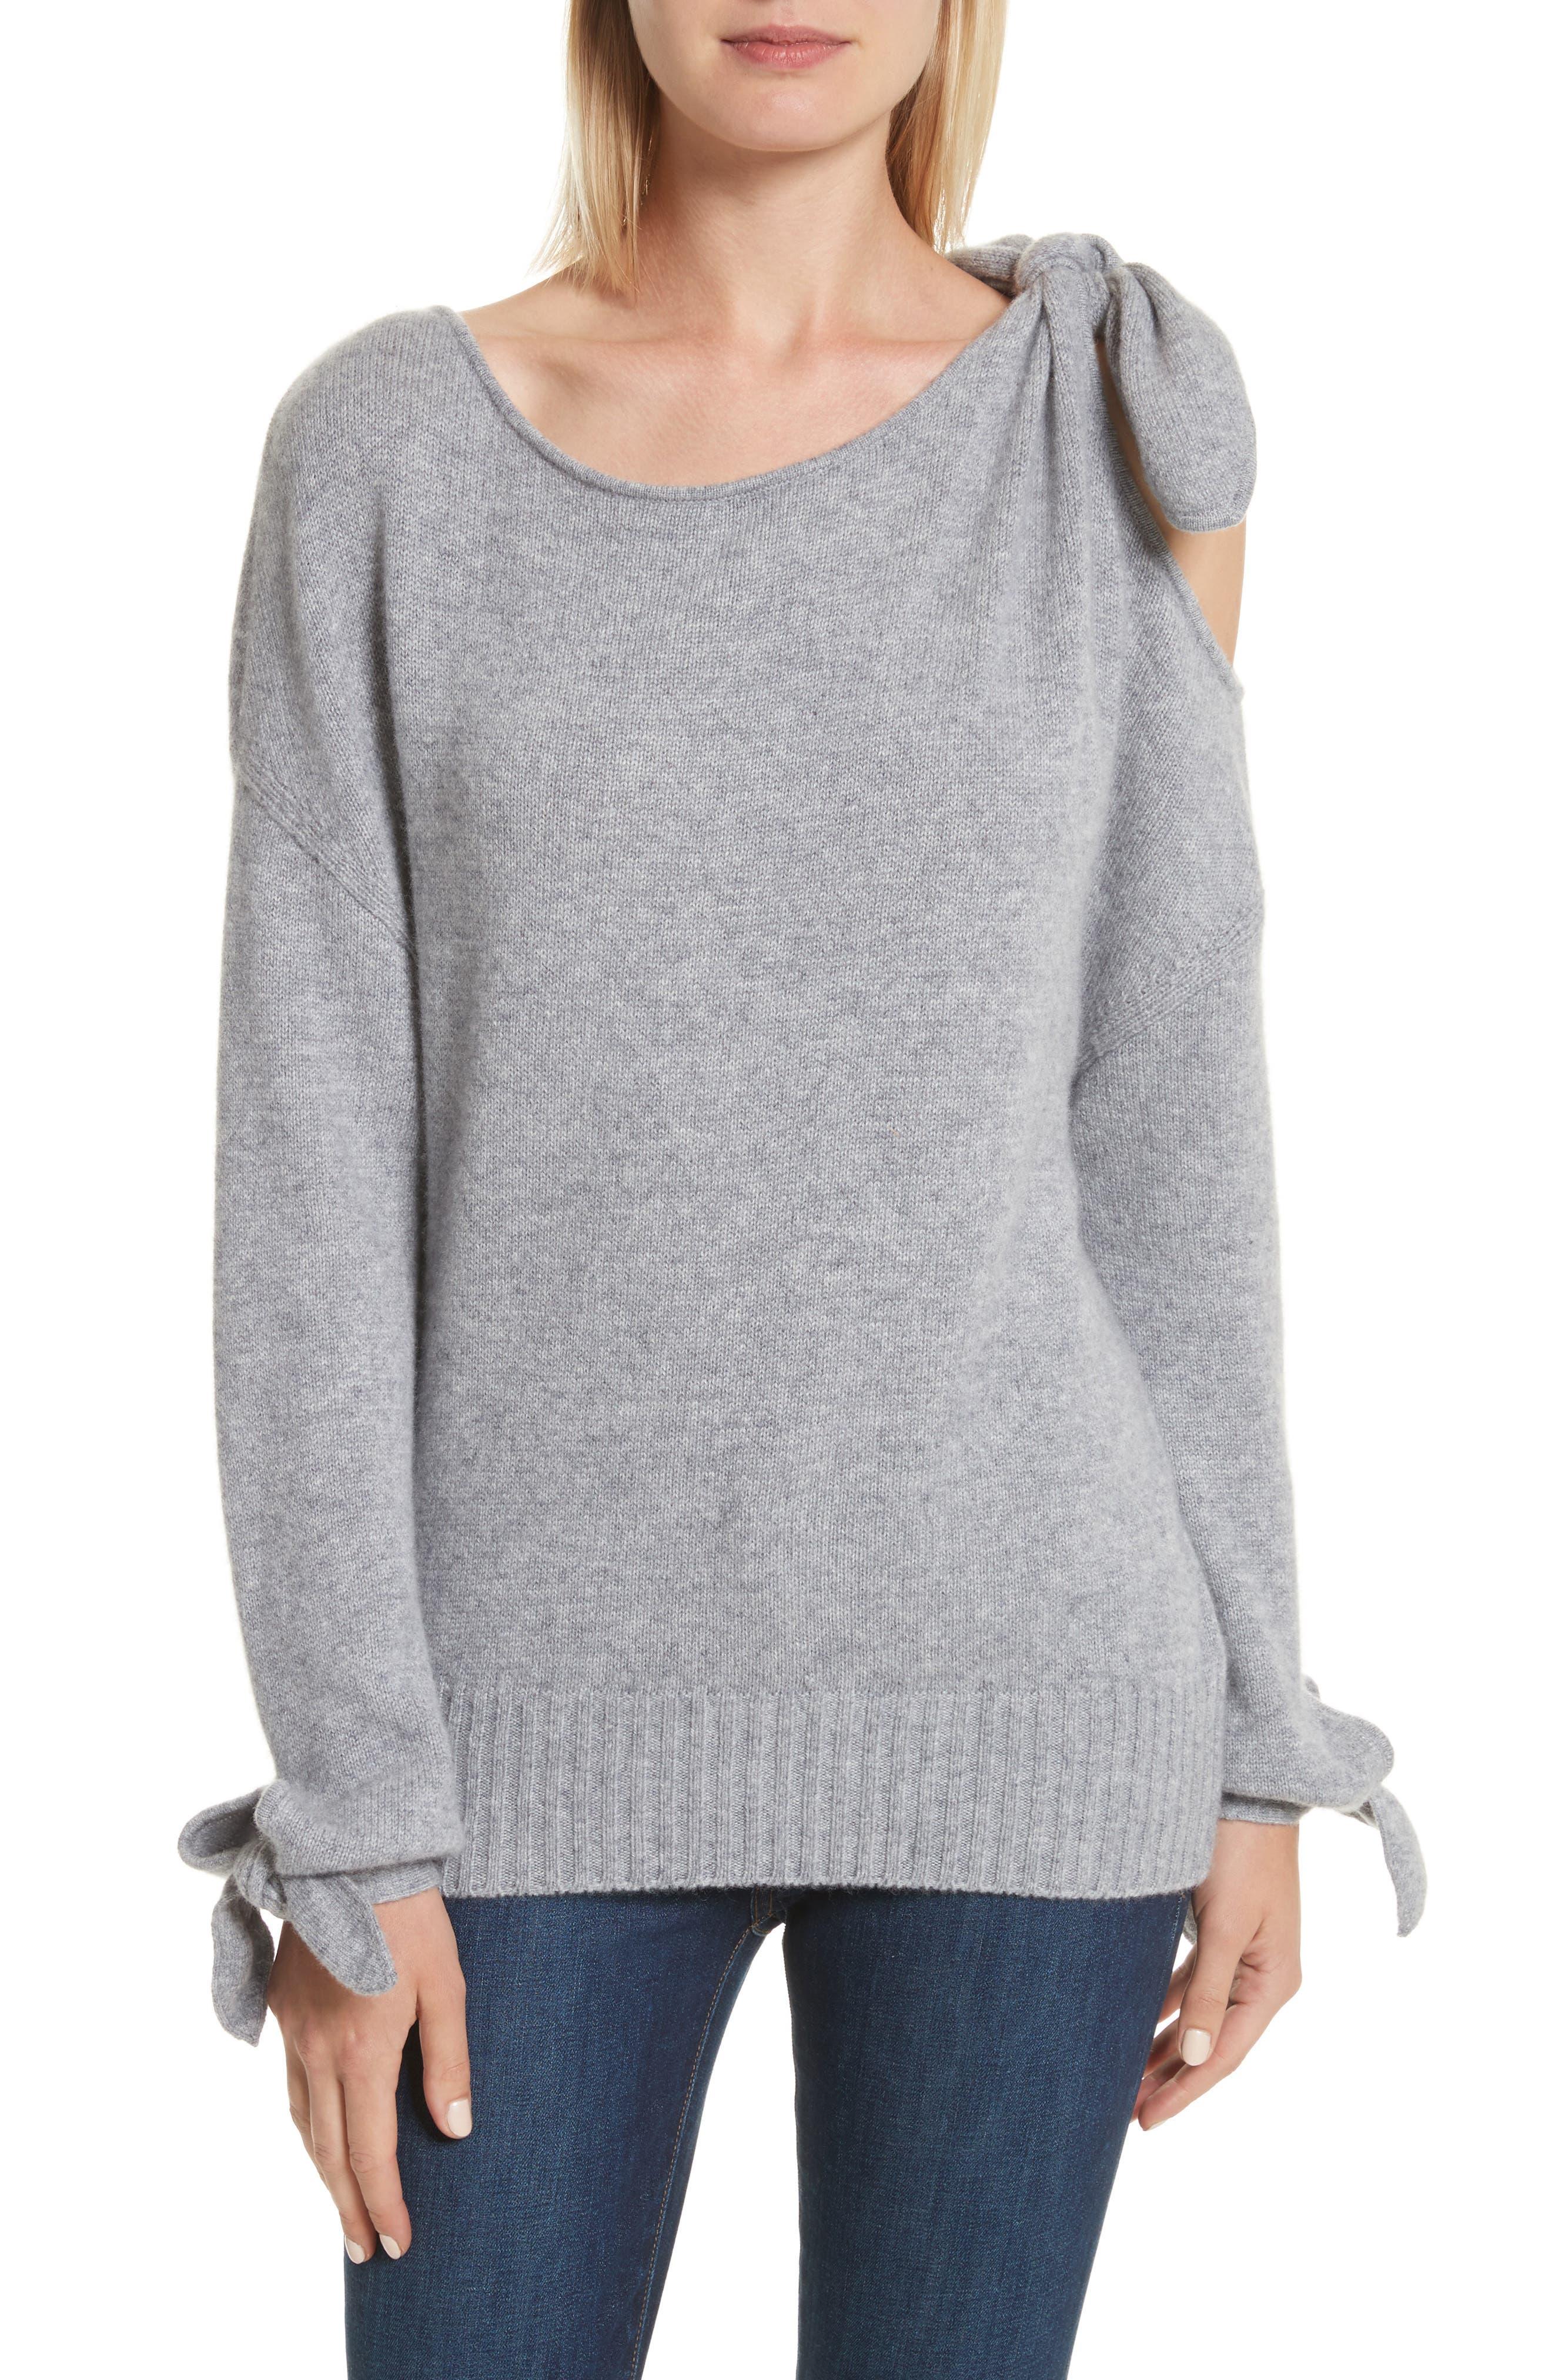 Derek Lam 10 Crosby Tie Detail Cashmere Sweater